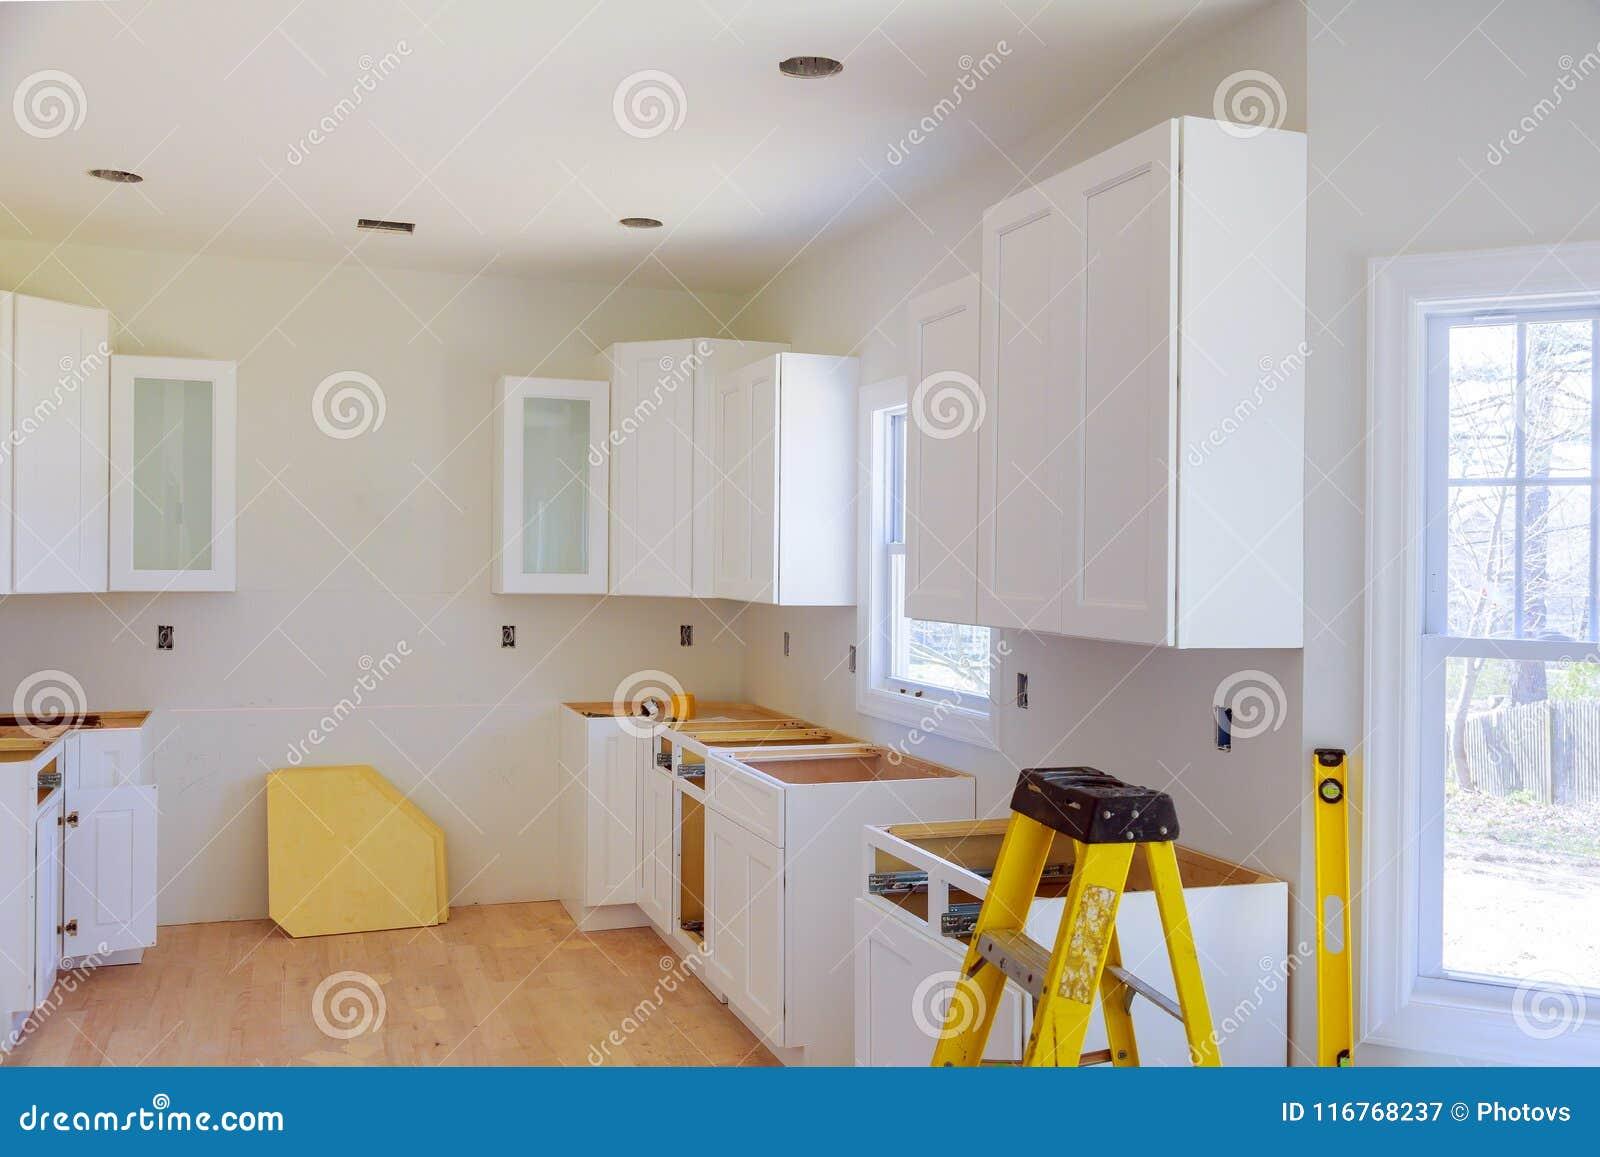 Installation Of Kitchen Installs Kitchen Cabinet Interior Design